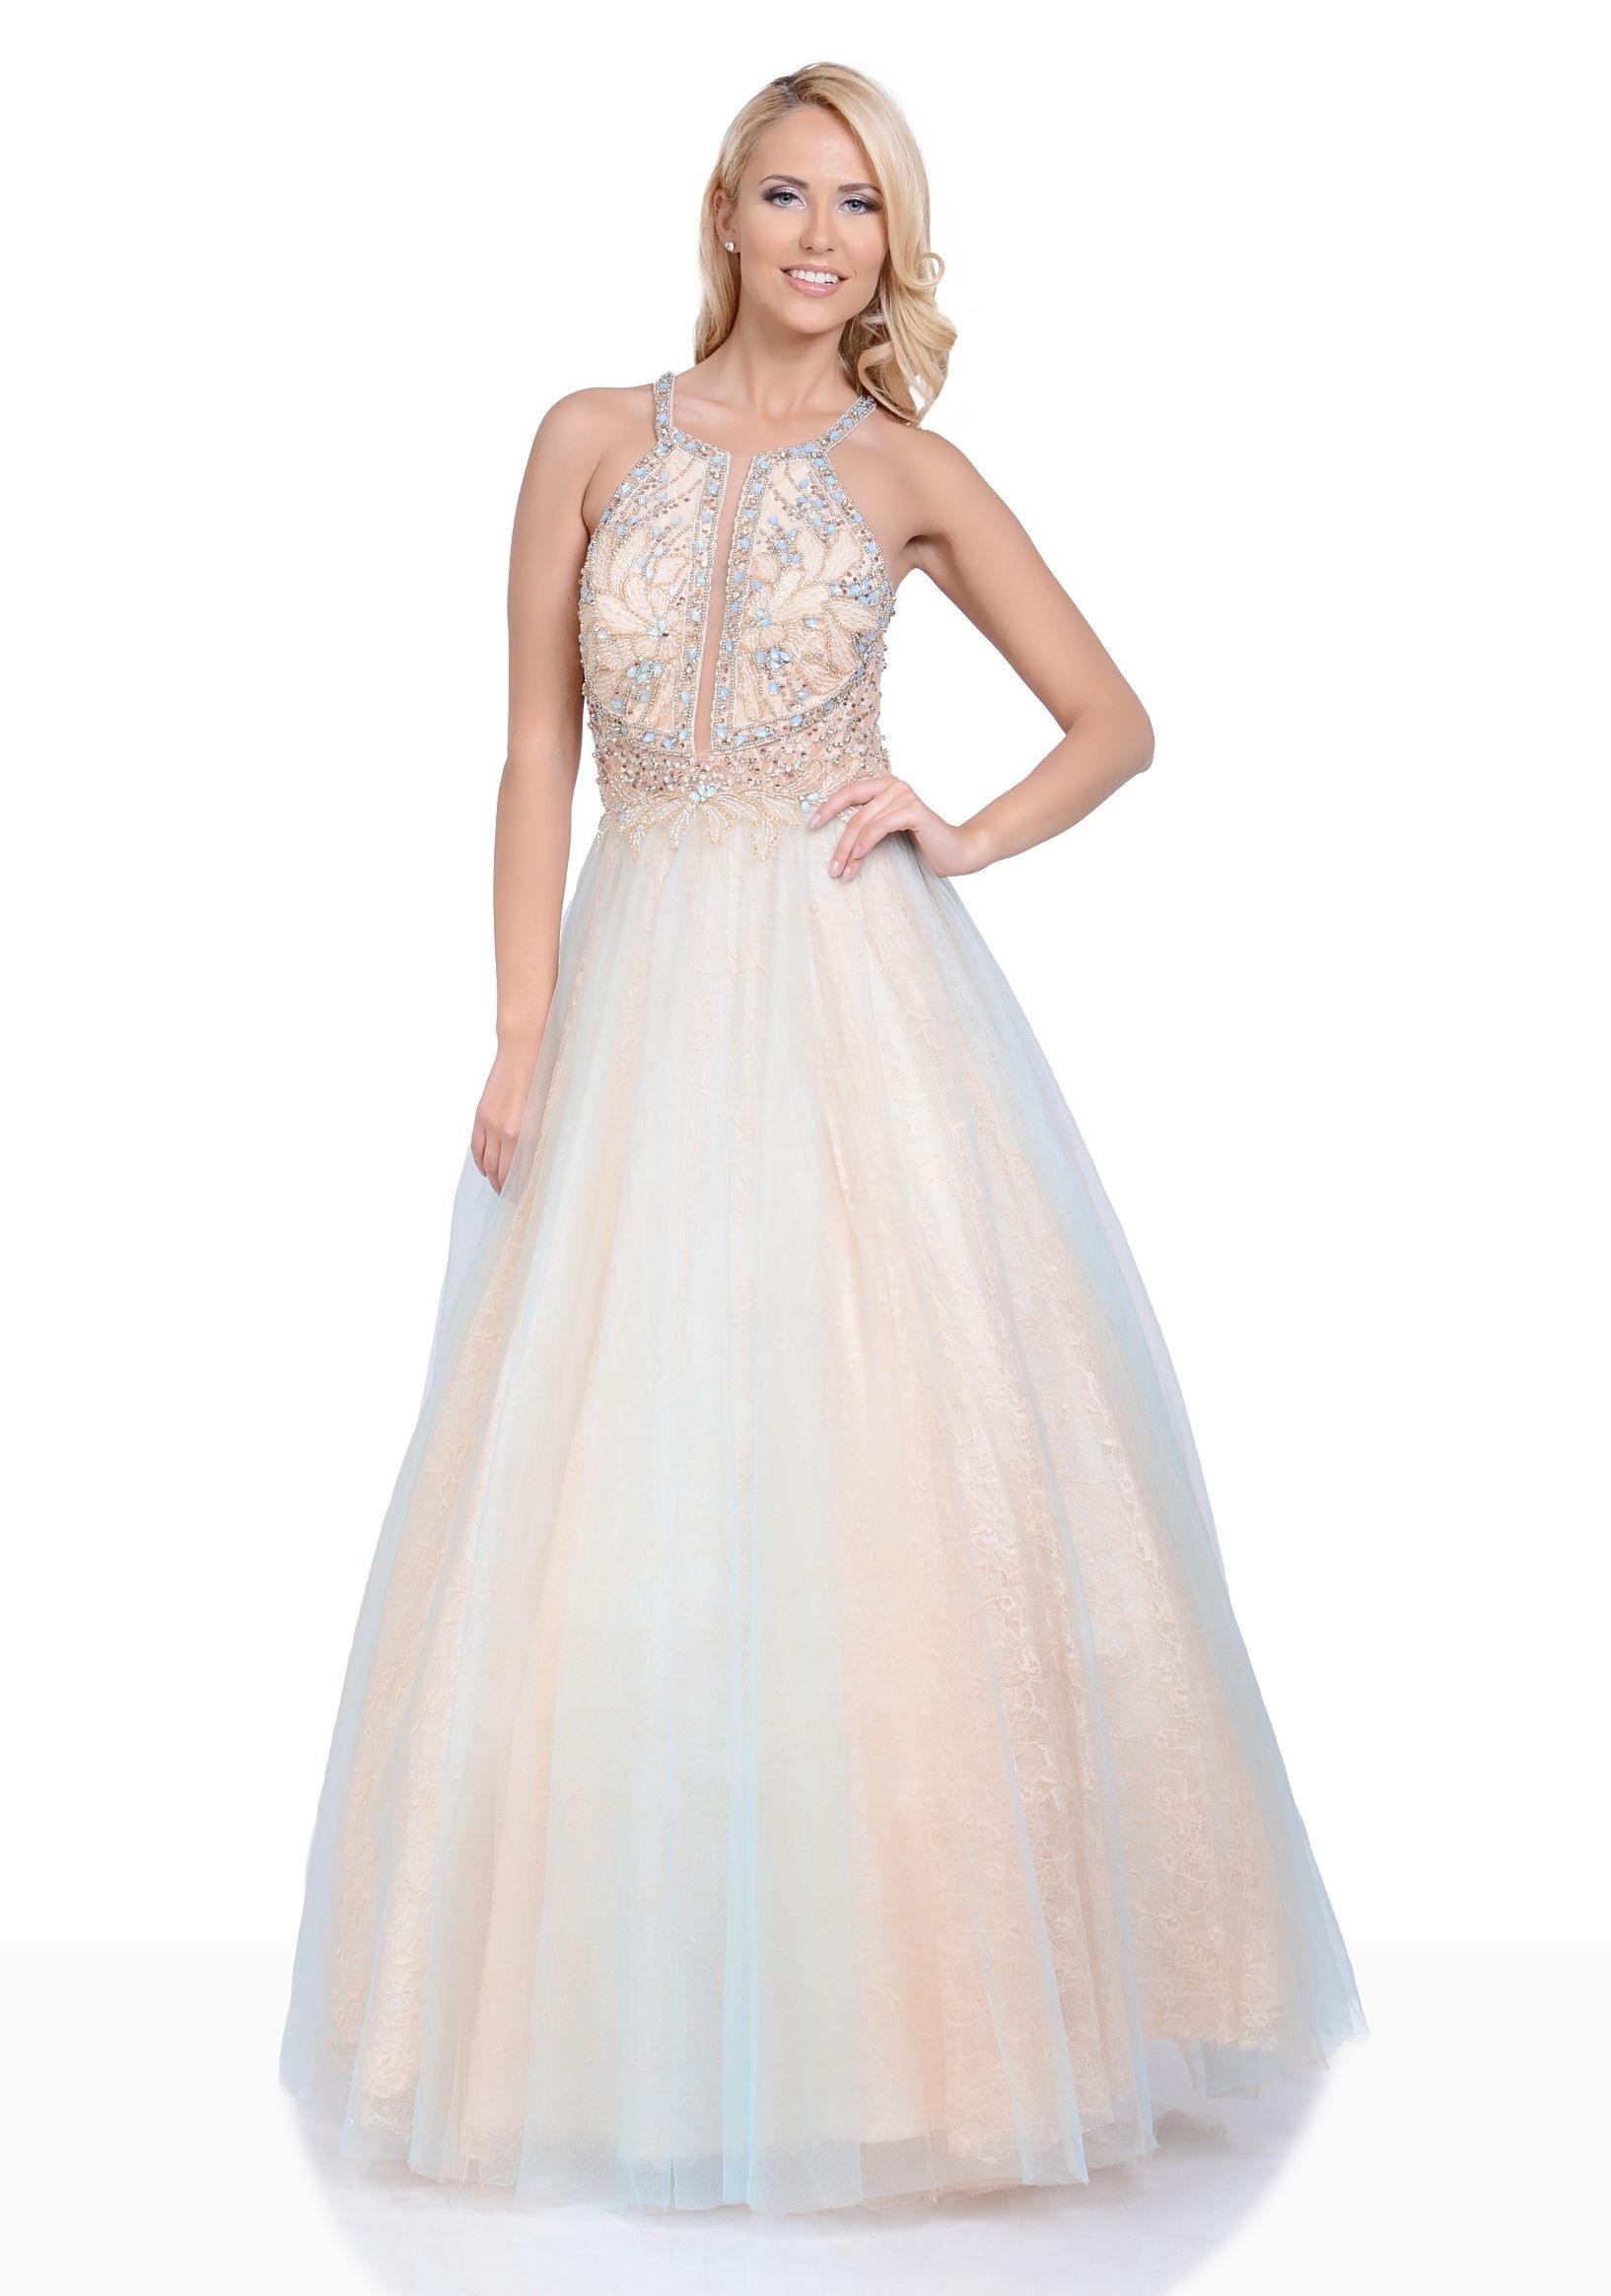 Formal Elegant Lange Kleider Glitzer Spezialgebiet13 Schön Lange Kleider Glitzer für 2019